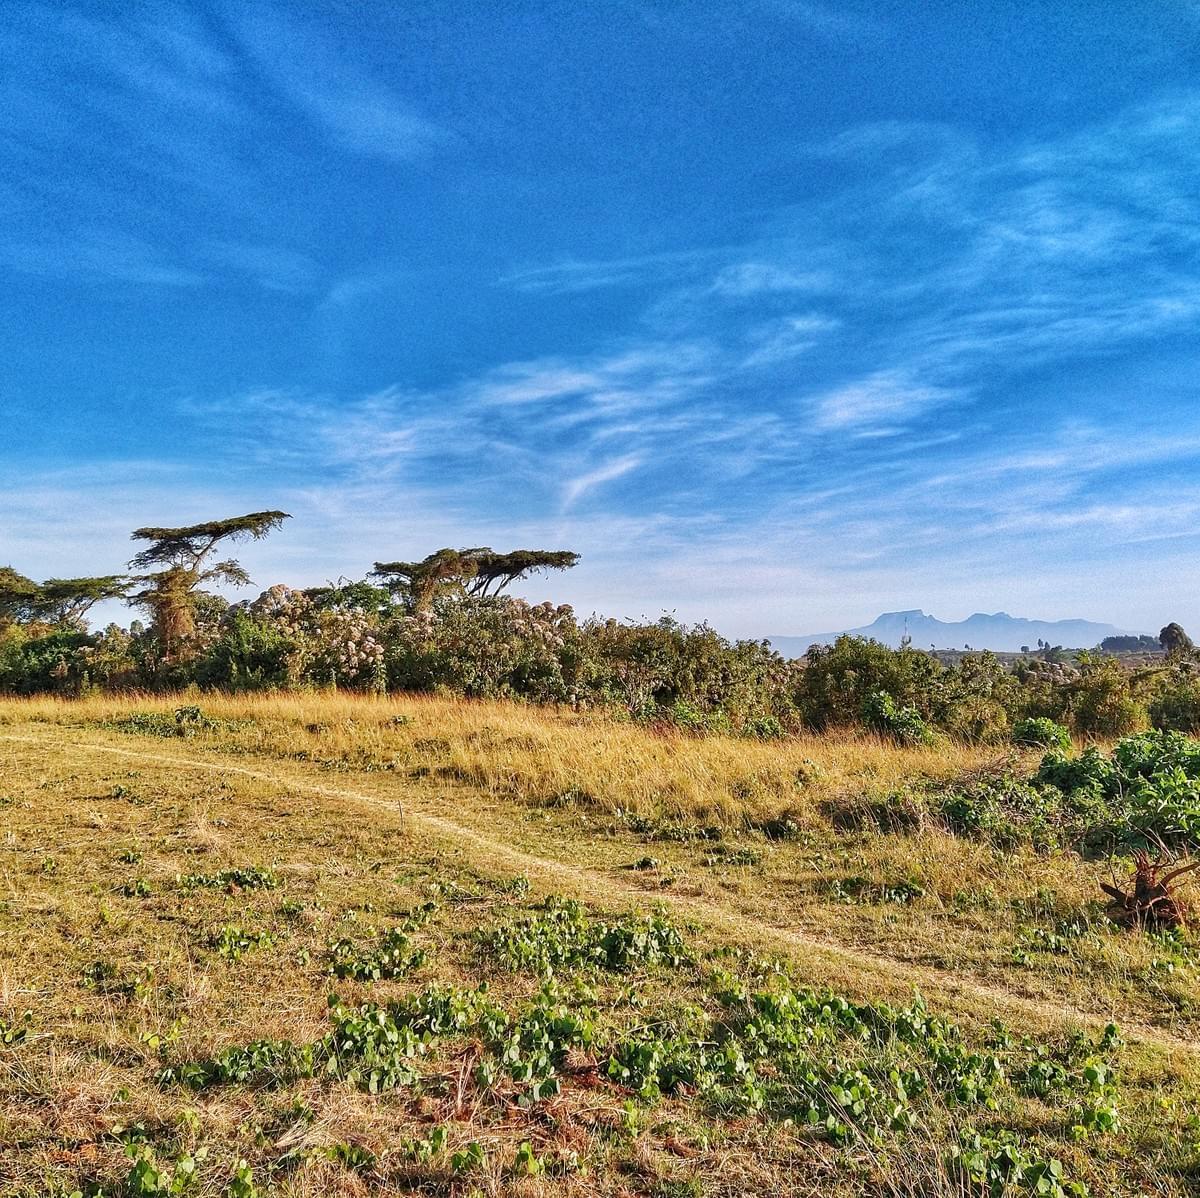 Running the Ugandan Way - Part 1 - uganda ugandan runners running training diaries training programme